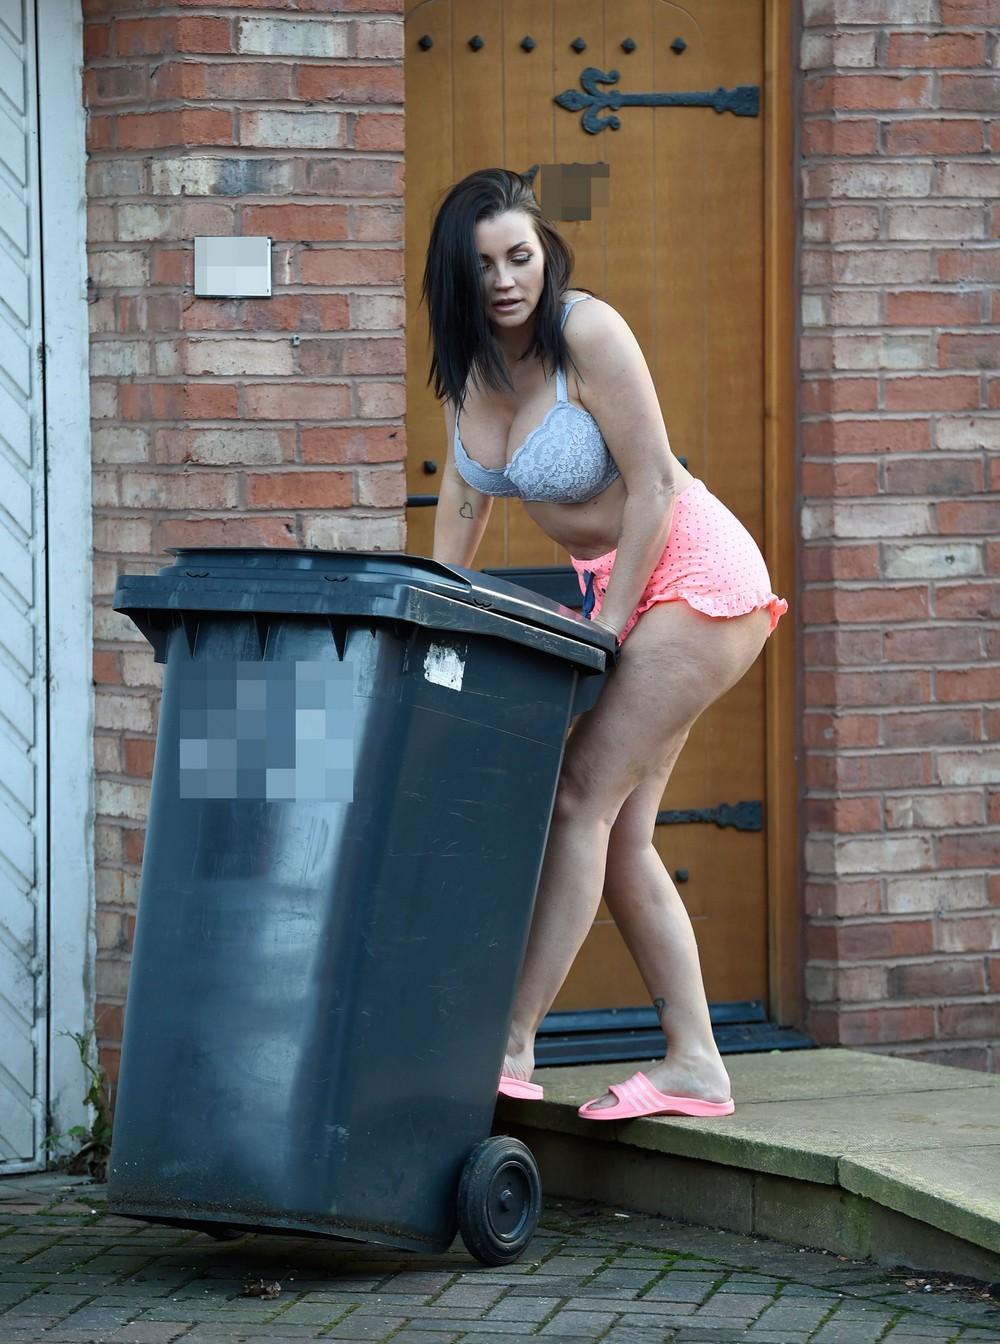 Холли Хендерсон выбрасывает мусор в белье